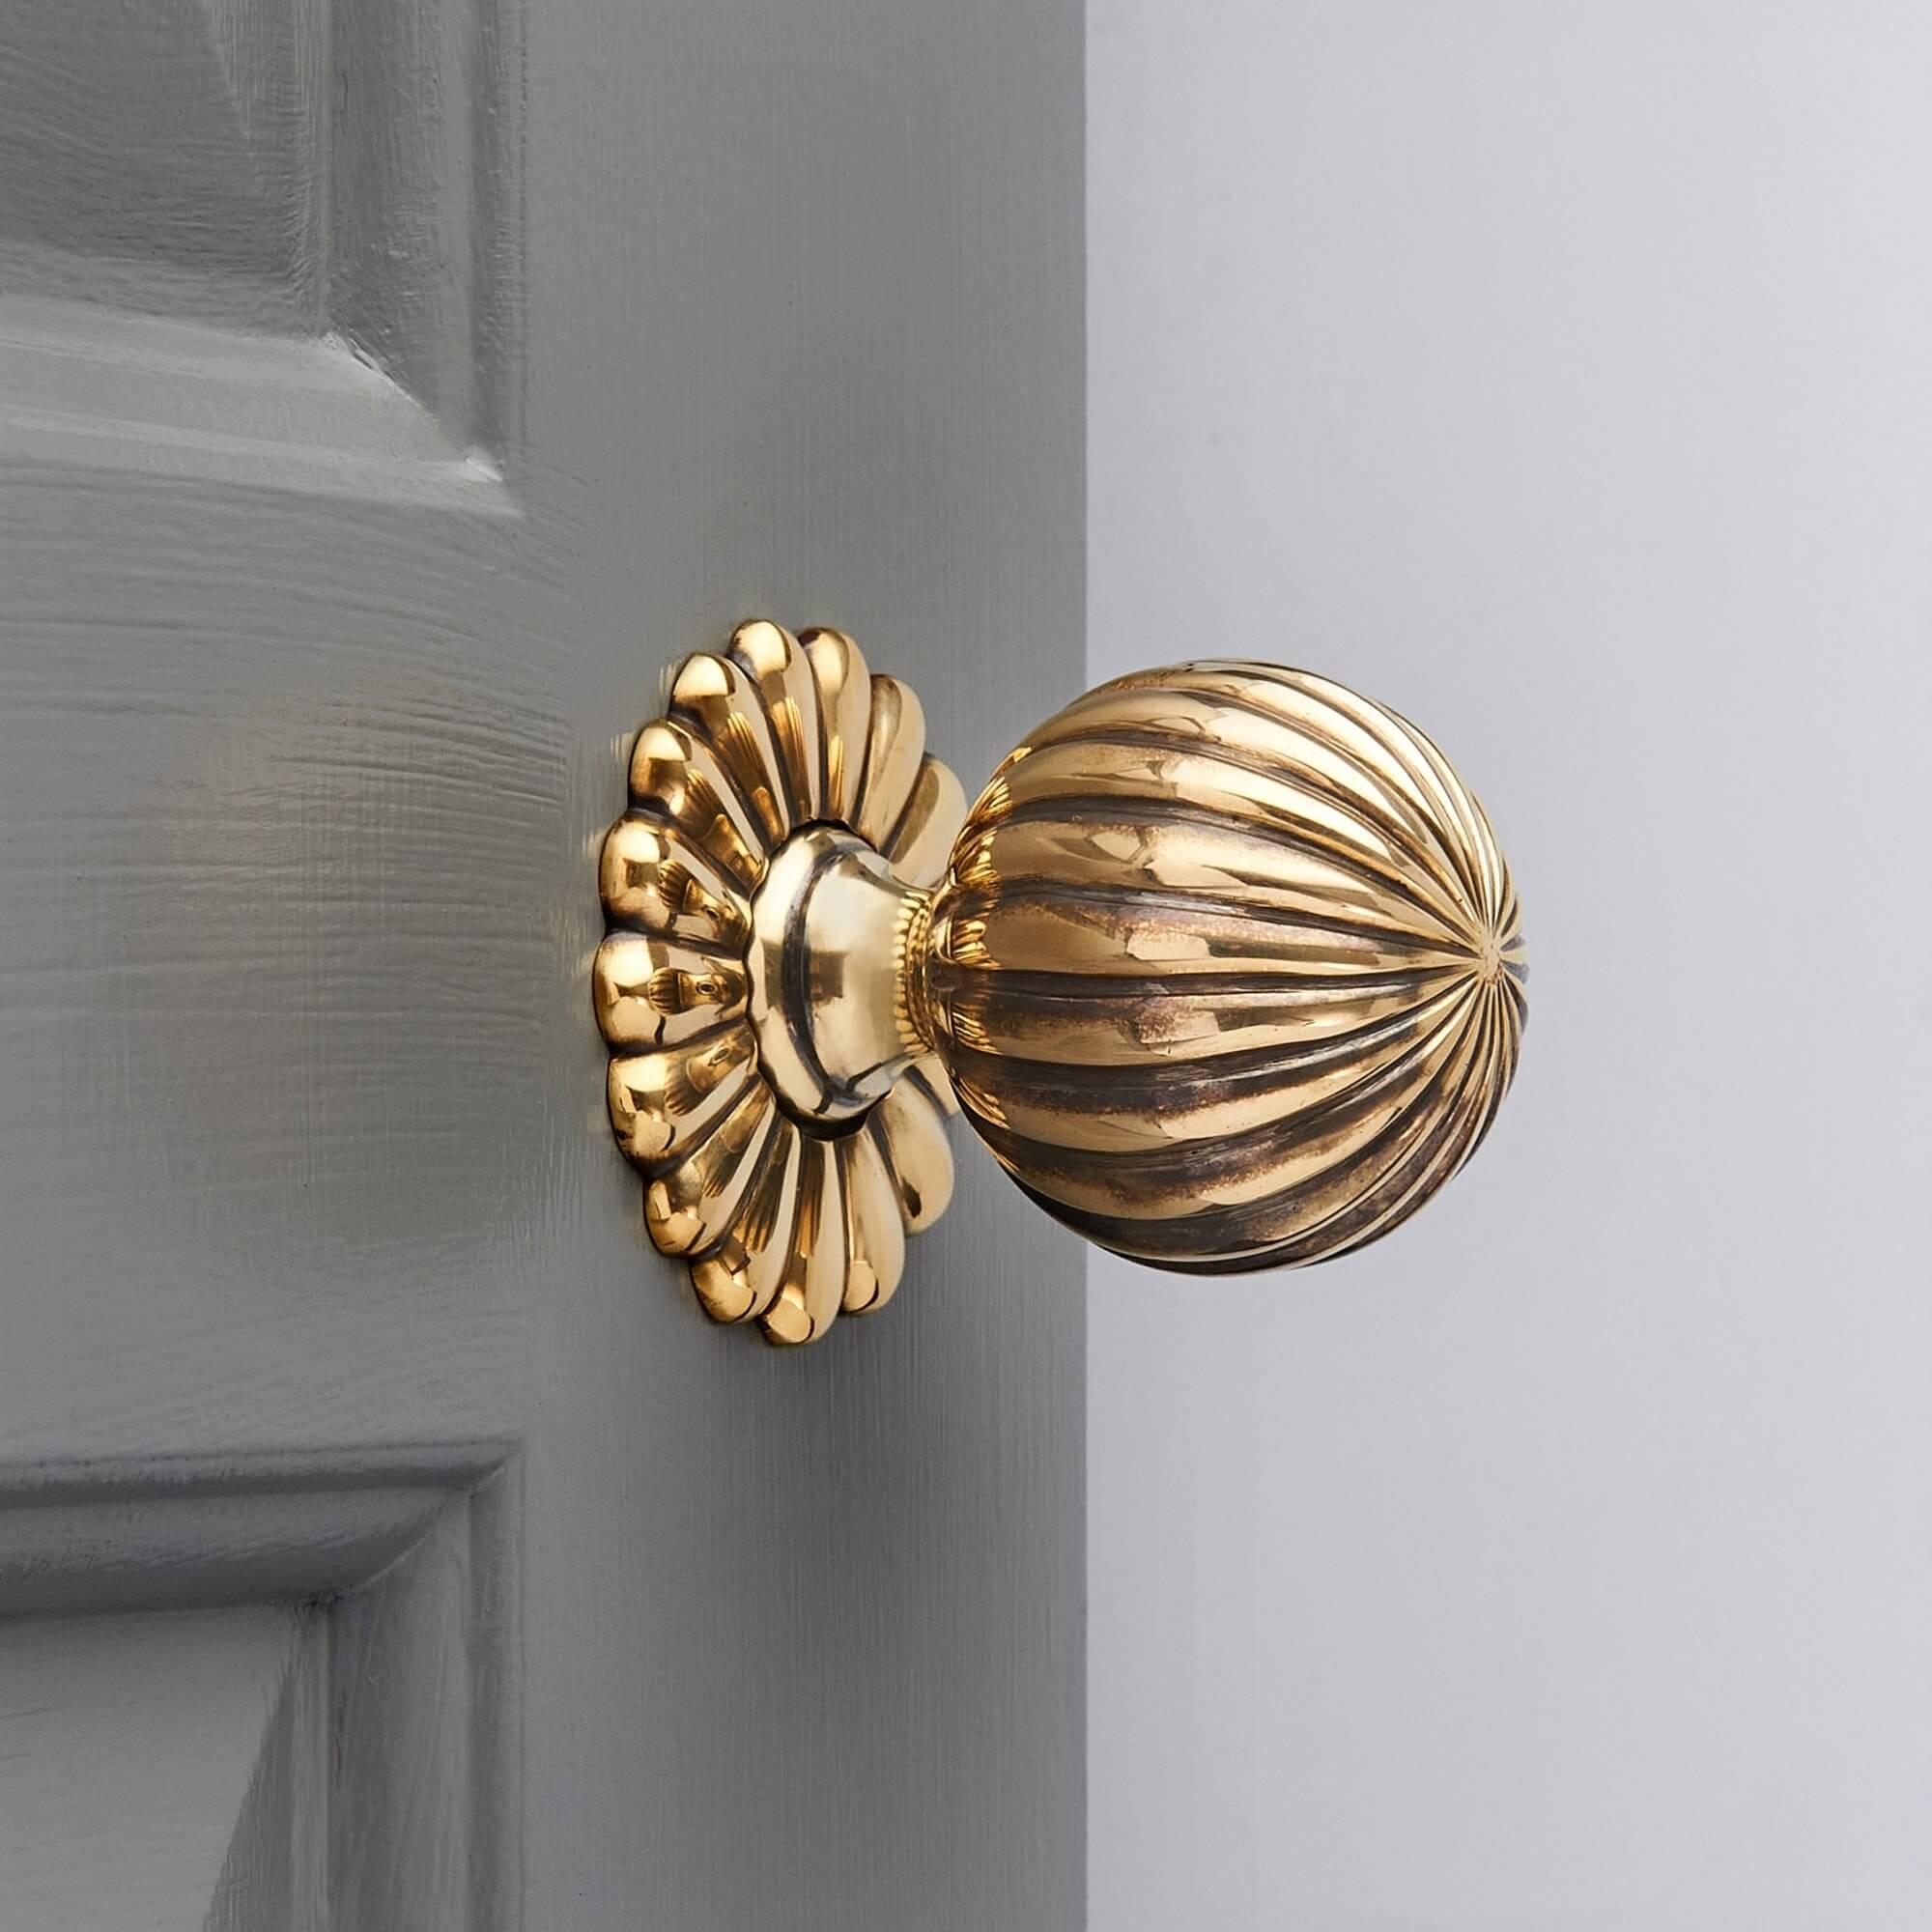 Flower Door Knobs (Pair) - Brass